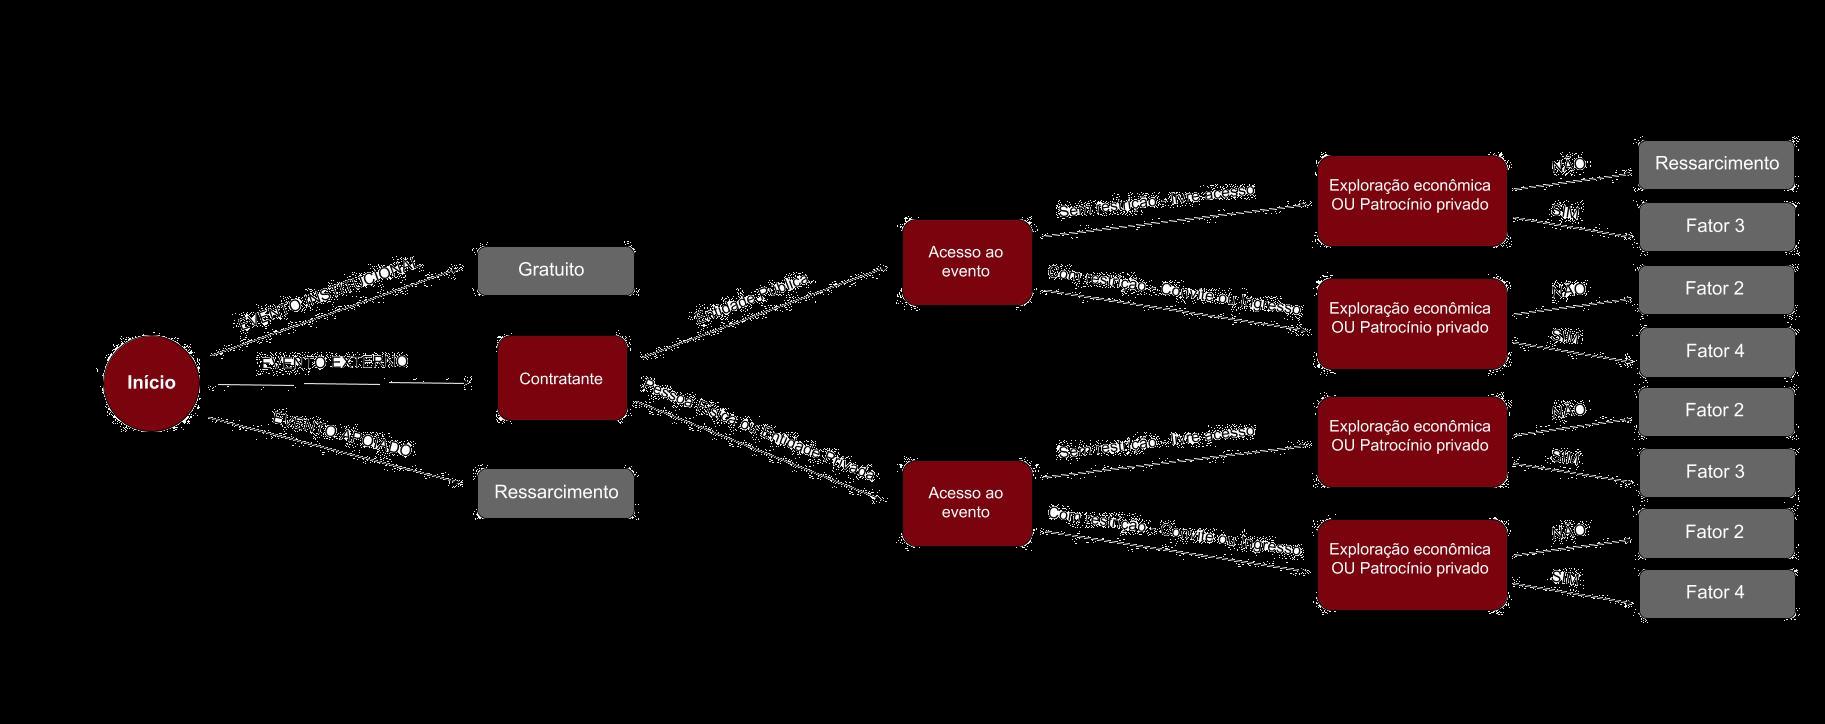 Entenda como são definidas as classificações dos eventos